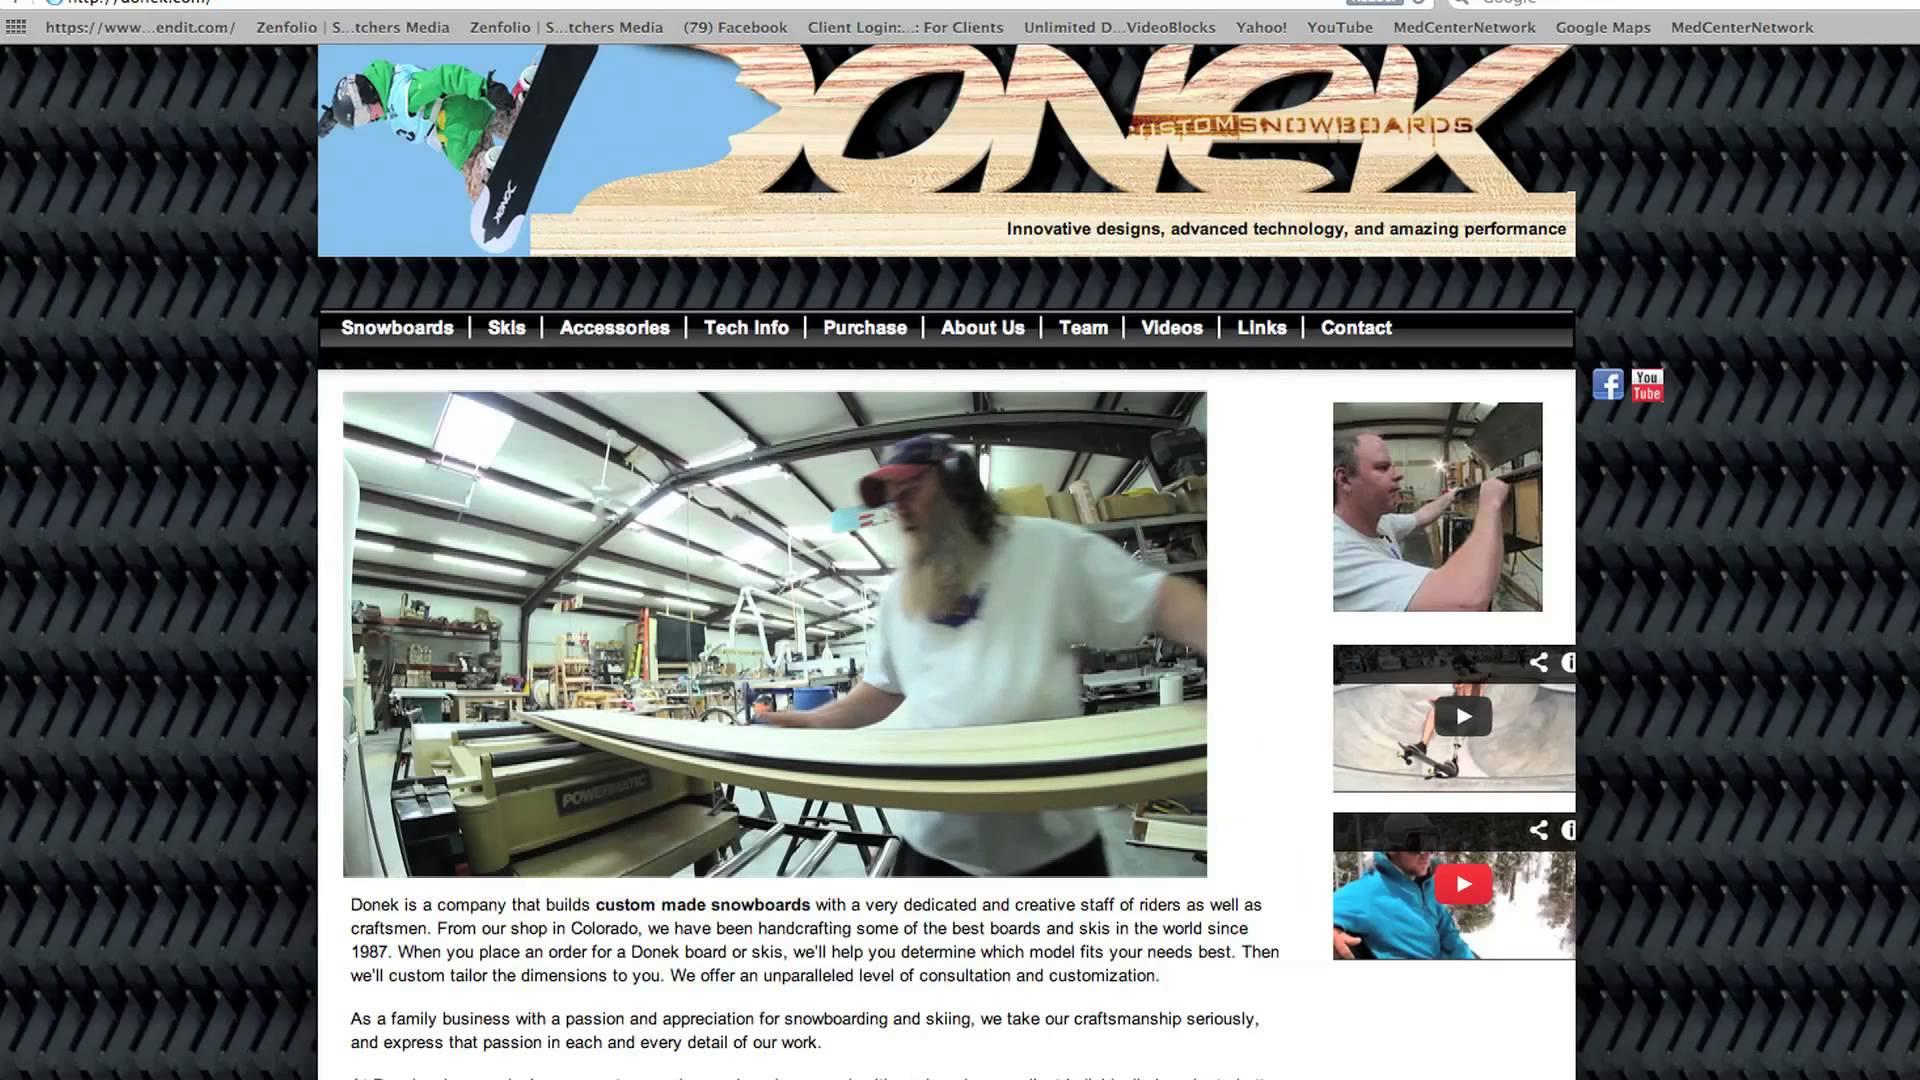 Donek Snowboards Testimonial